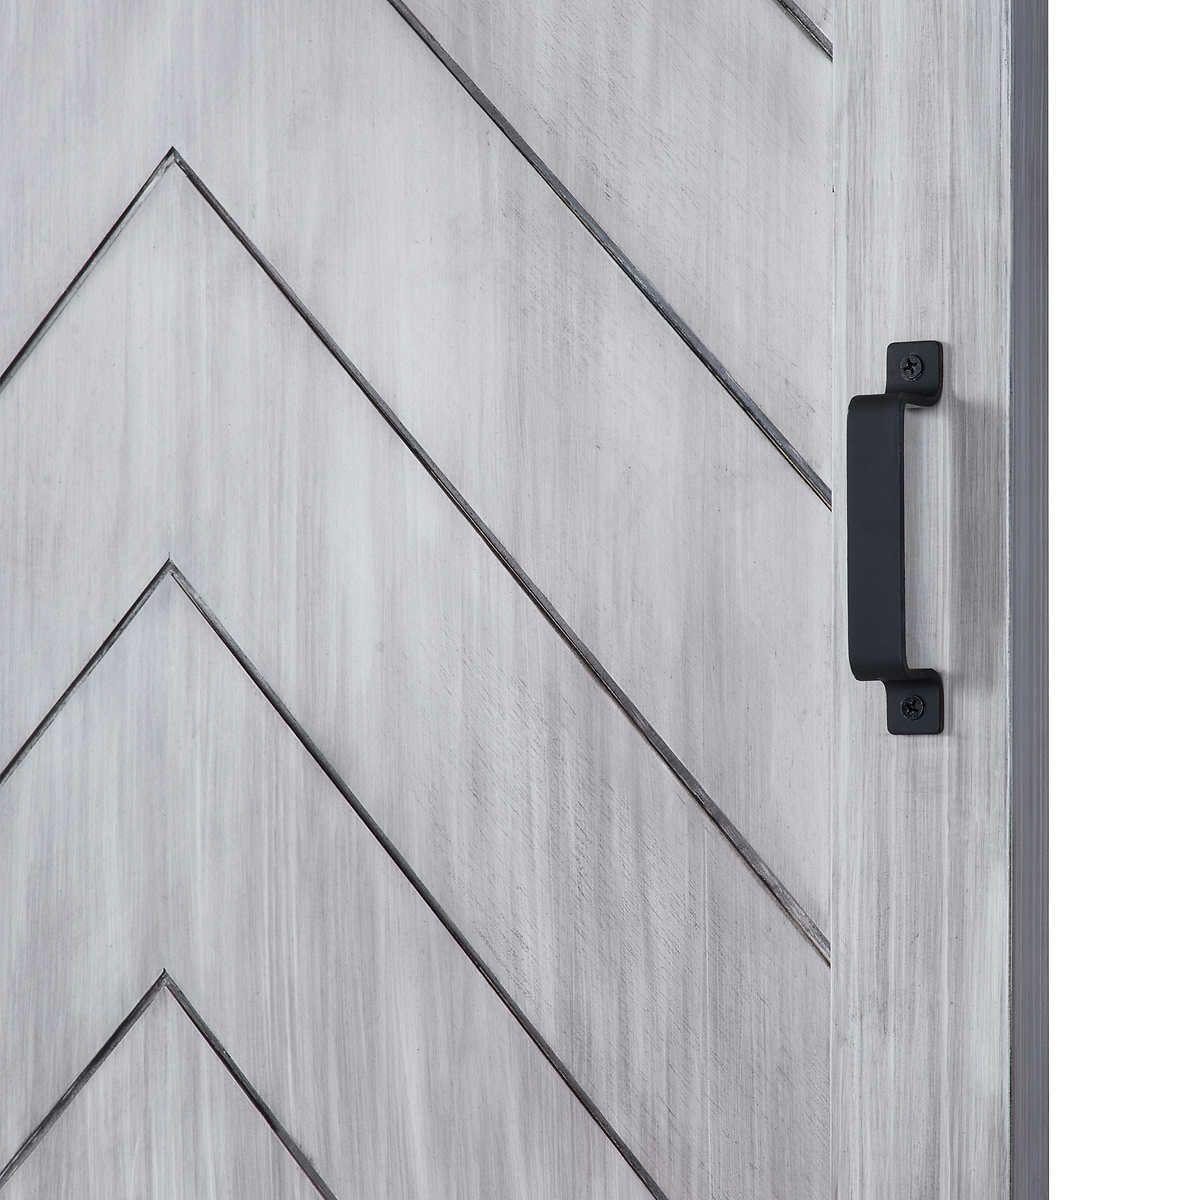 Renin Herringbone Barn Door With Hardware Kit Easy Glide Soft Close Wood Barn Door Barn Door Barn Door Hardware